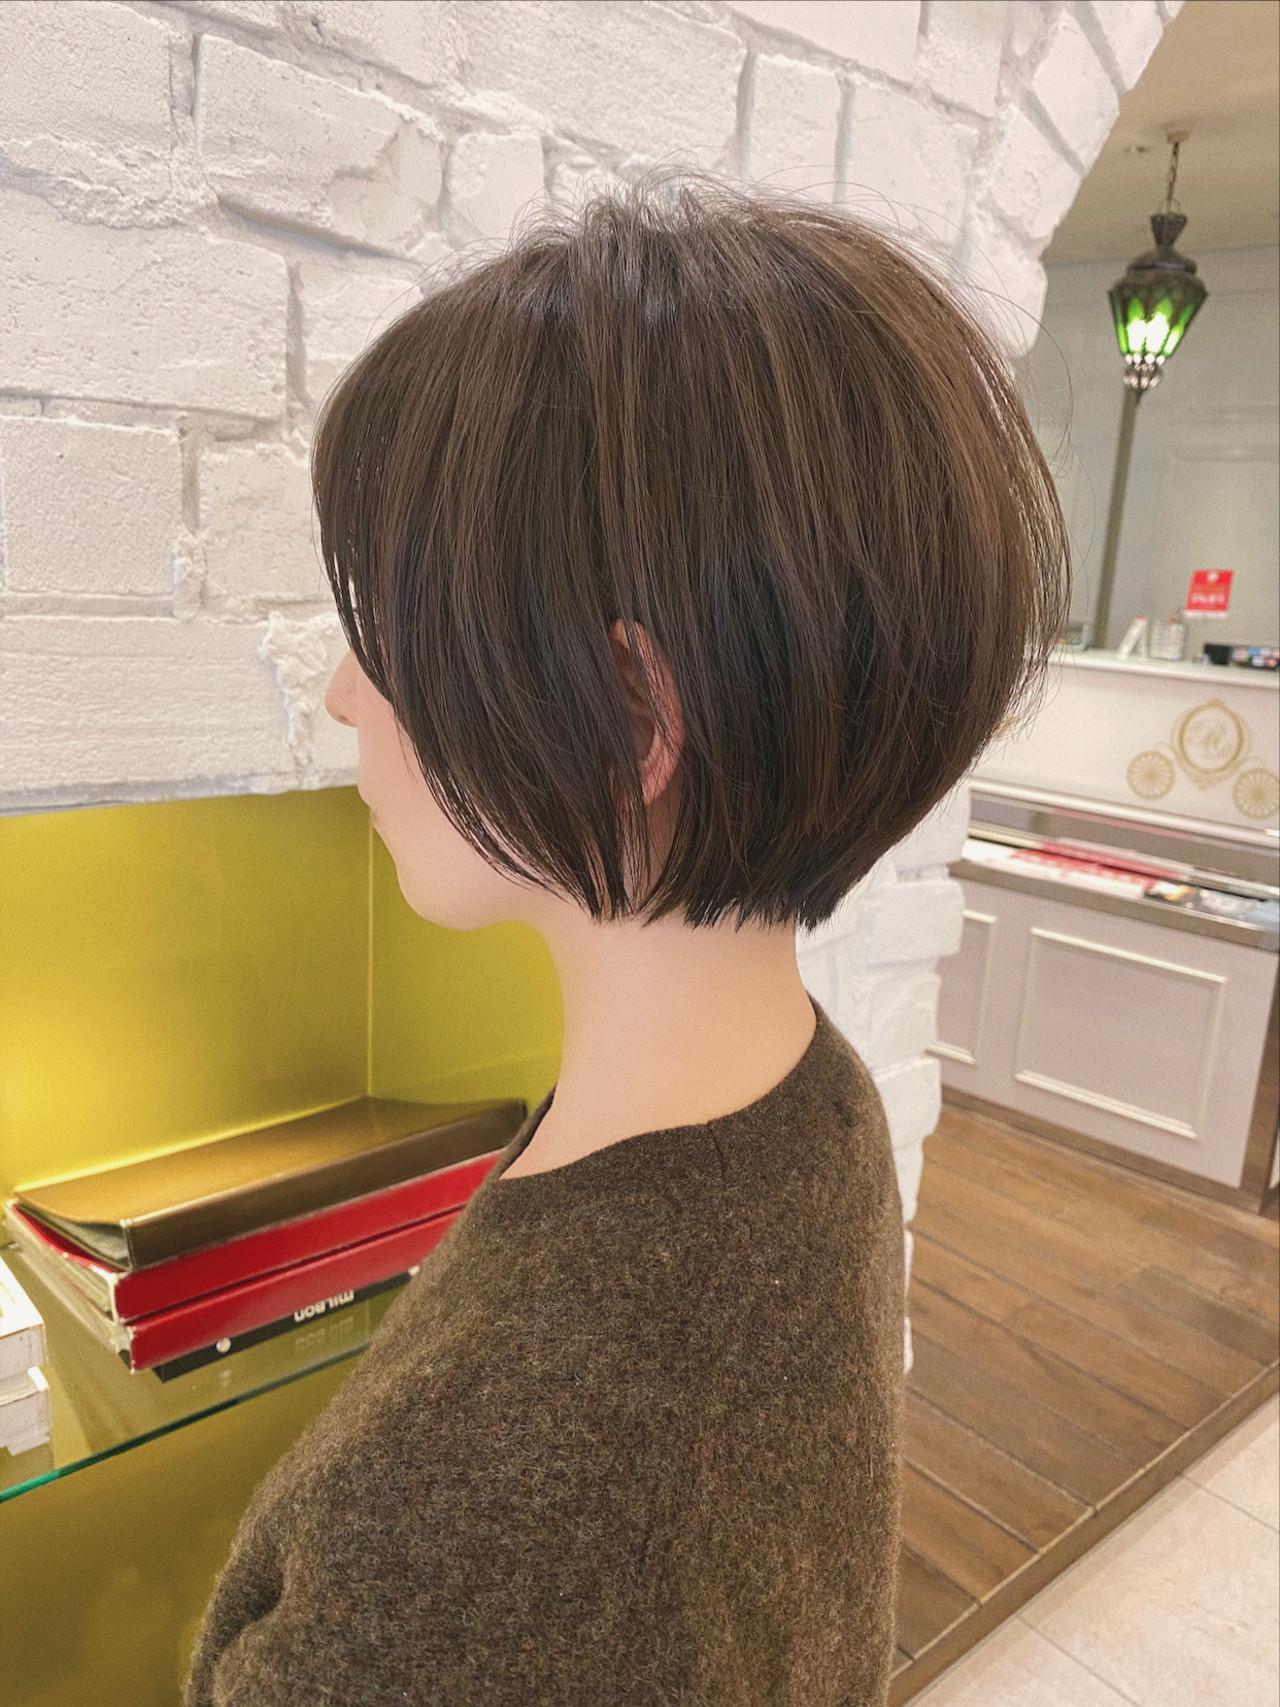 ショートボブ 大人かわいい ショートヘア デート ヘアスタイルや髪型の写真・画像 | 石川有里彩 / リュドール栄